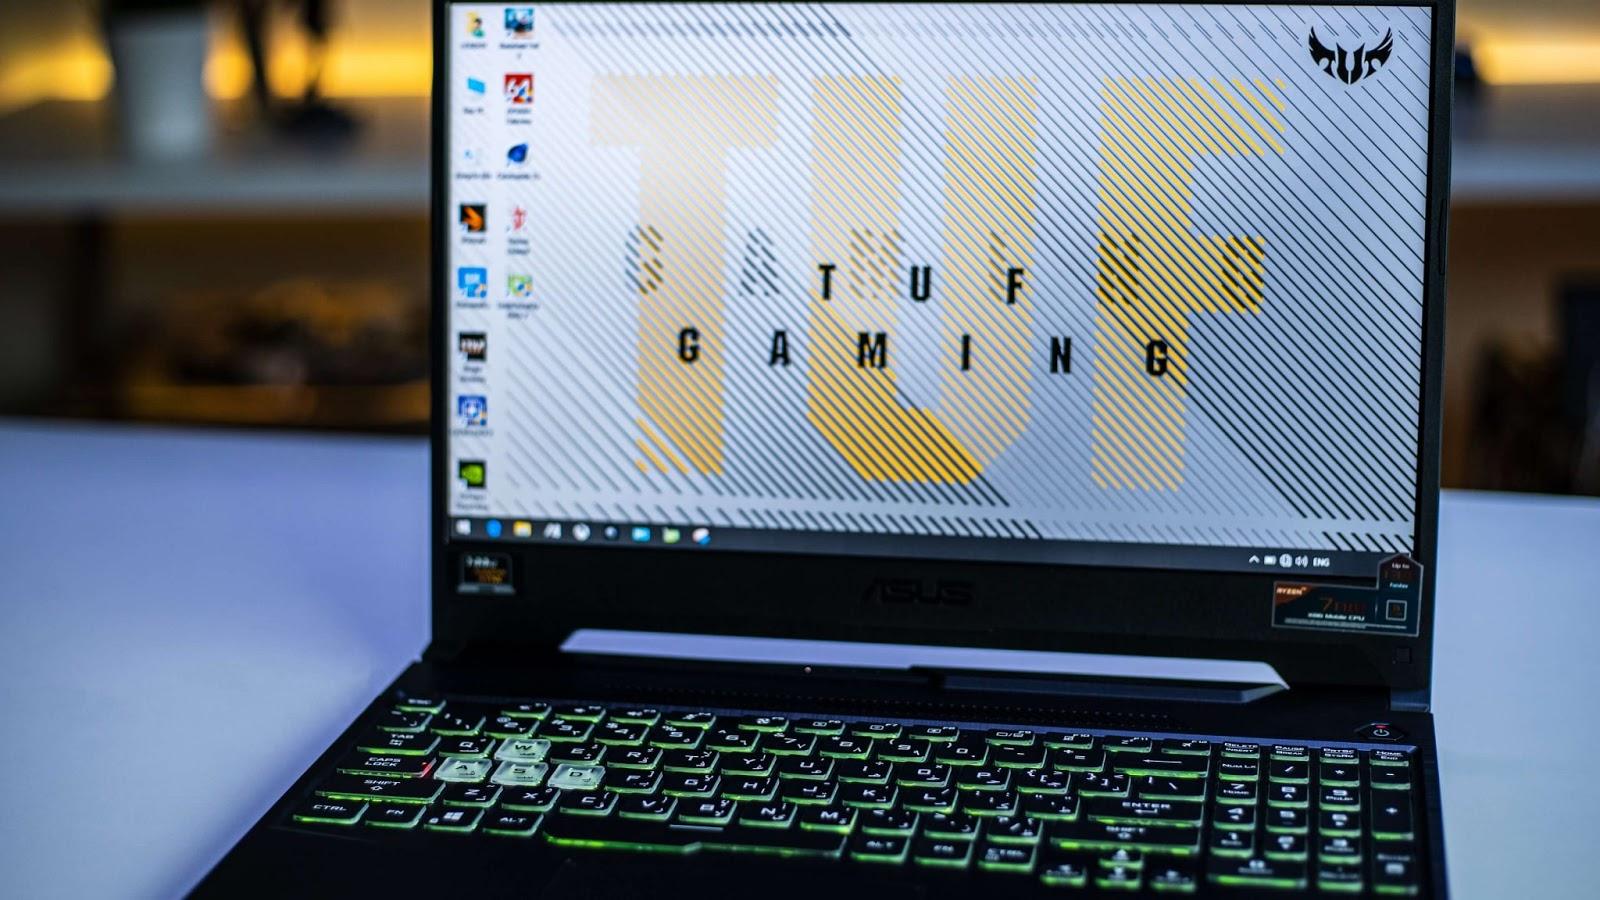 مراجعة لابتوب الالعاب ASUS TUF Gaming A15